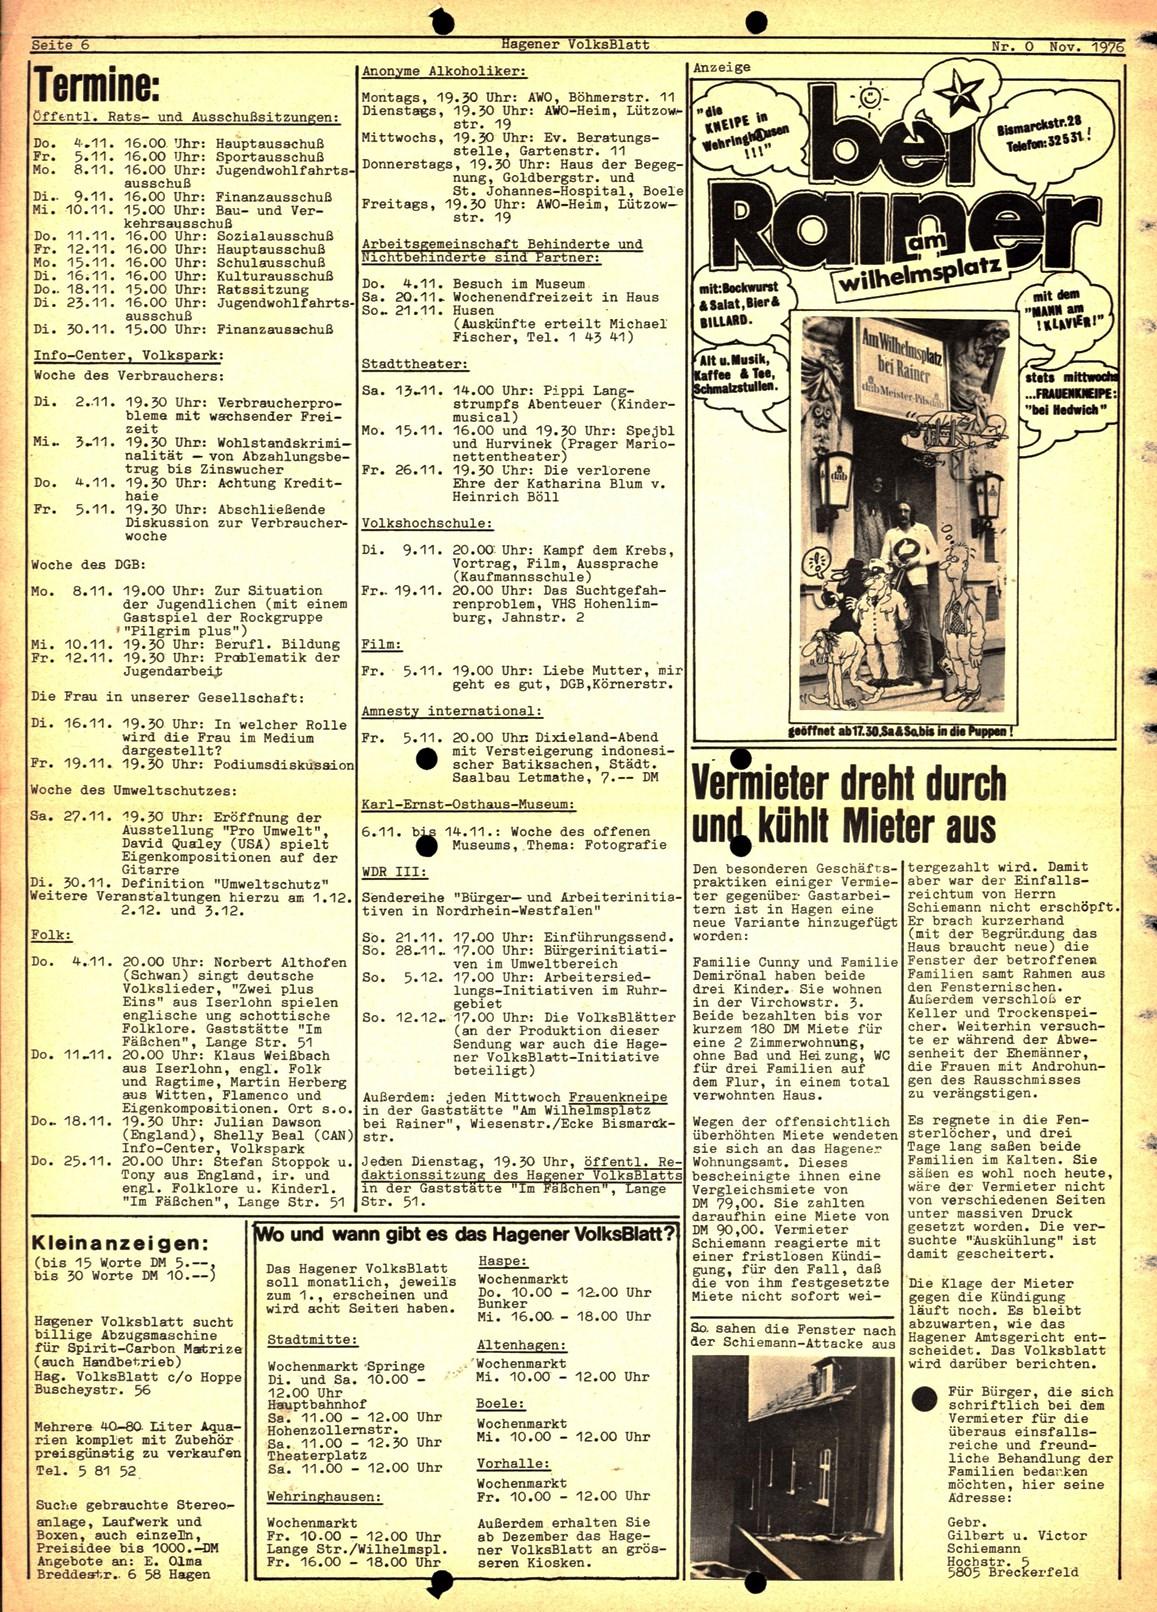 Hagen_Volksblatt_19761100_06